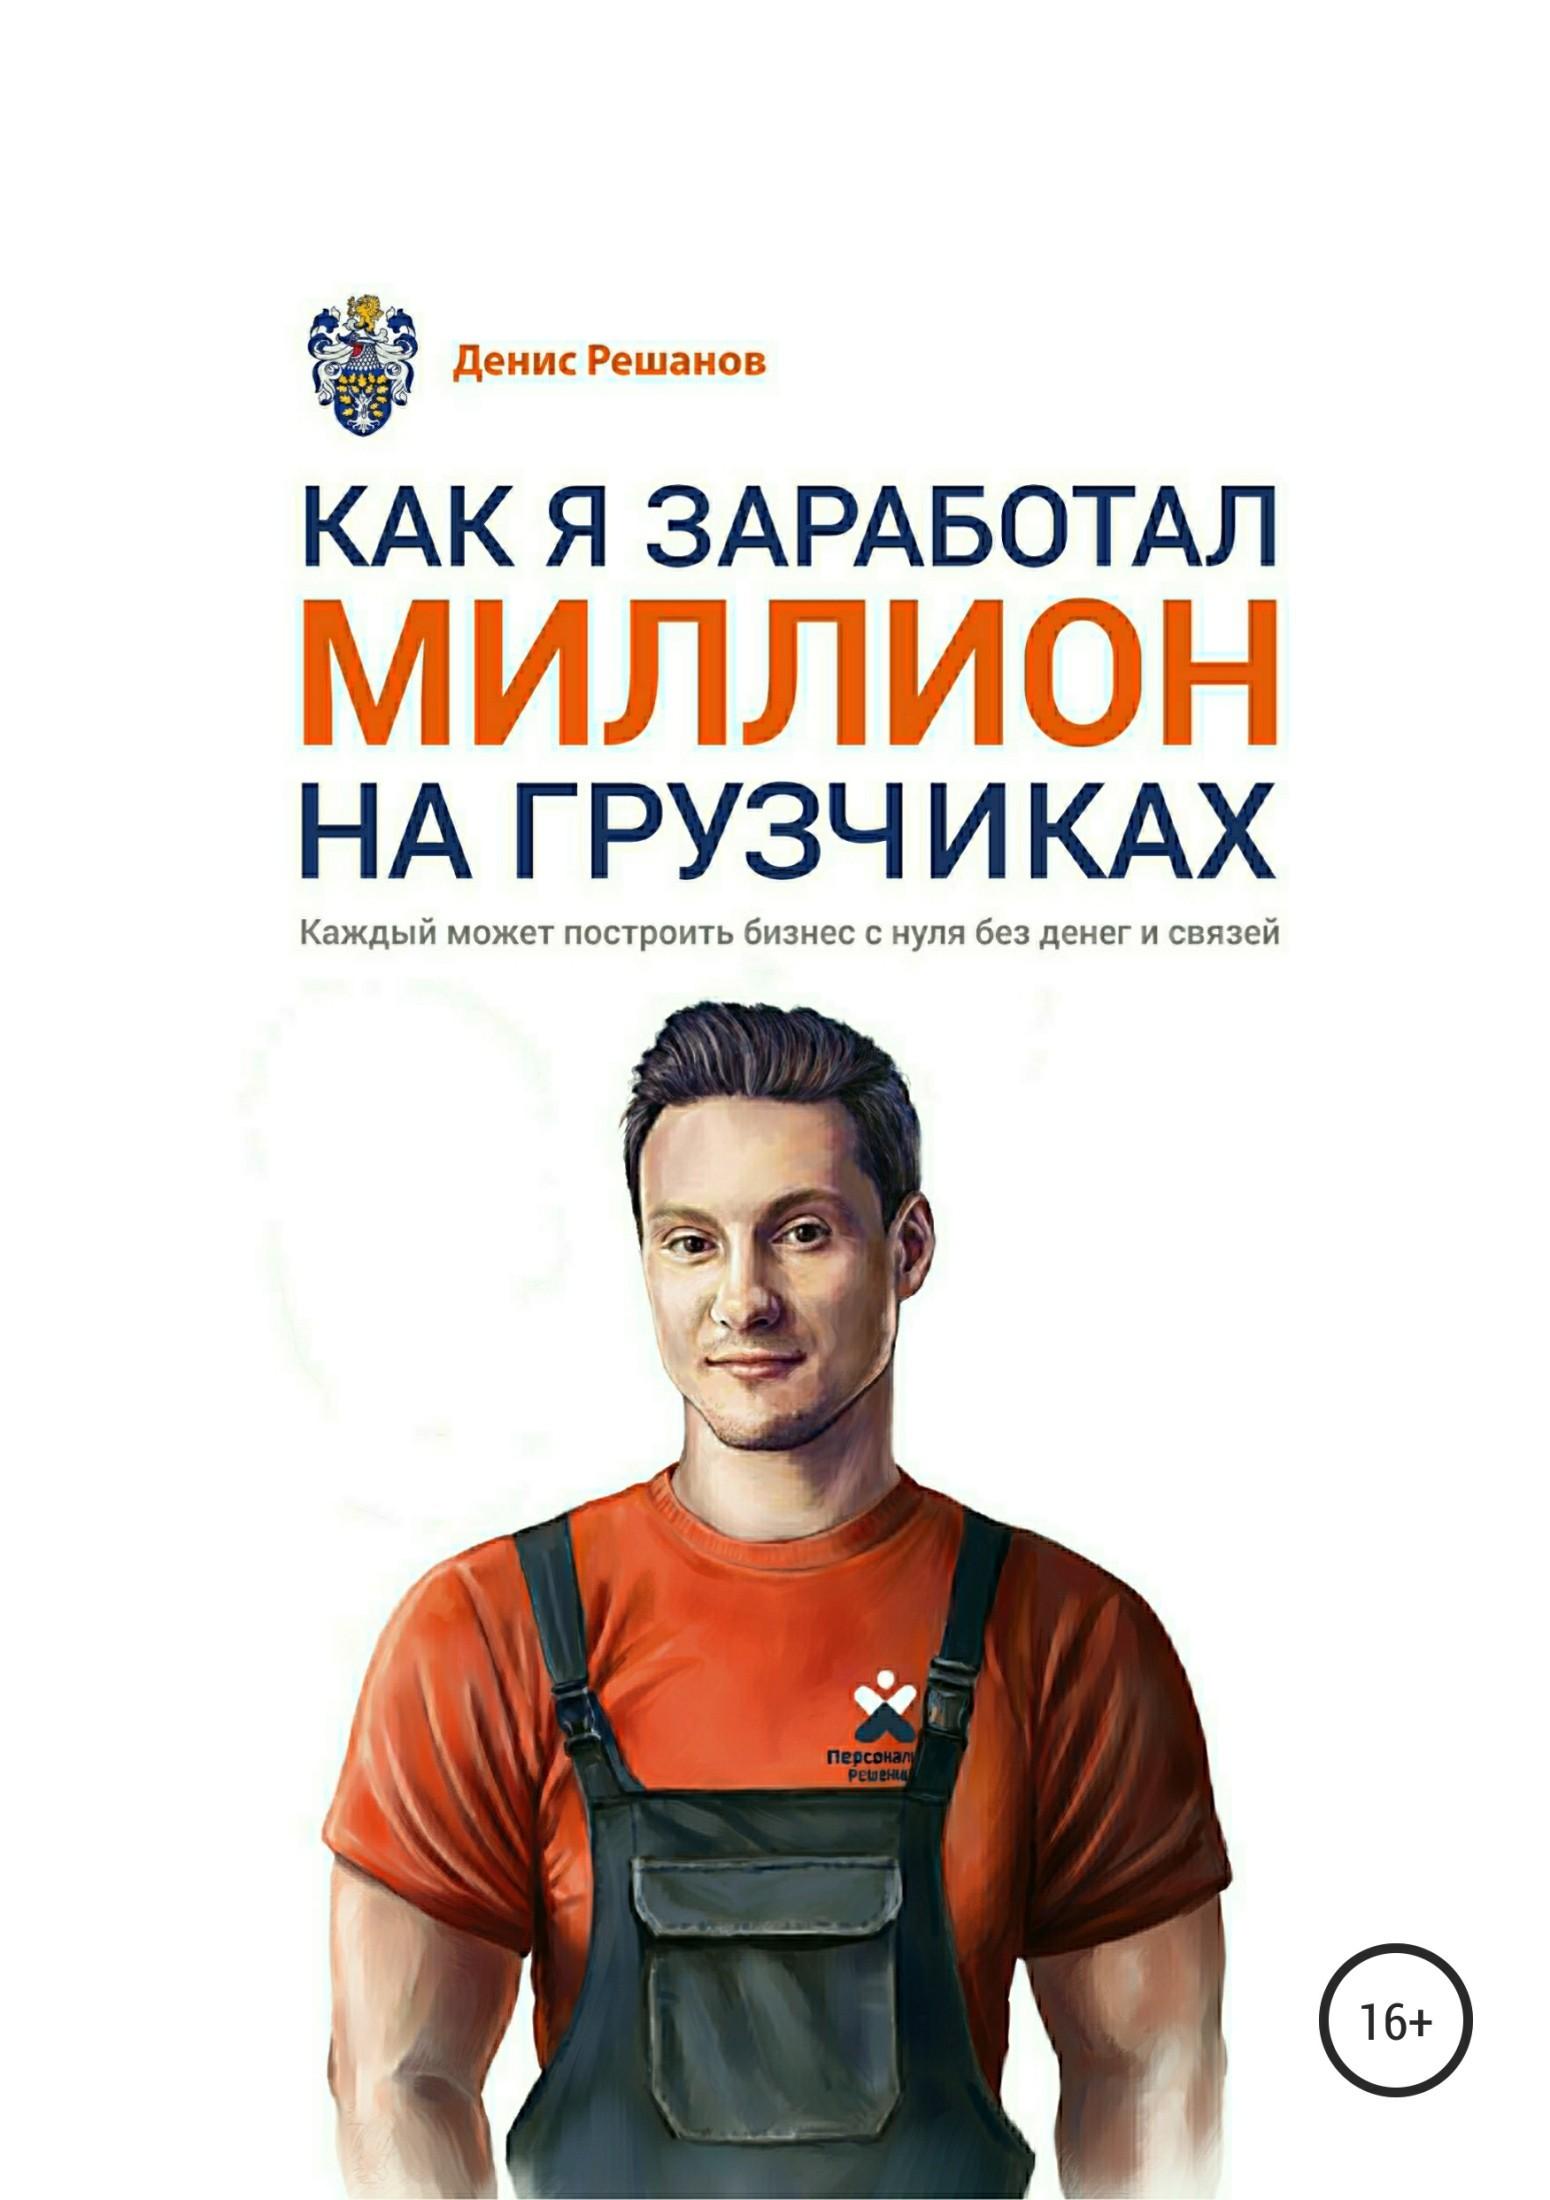 Обложка книги. Автор - Денис Решанов